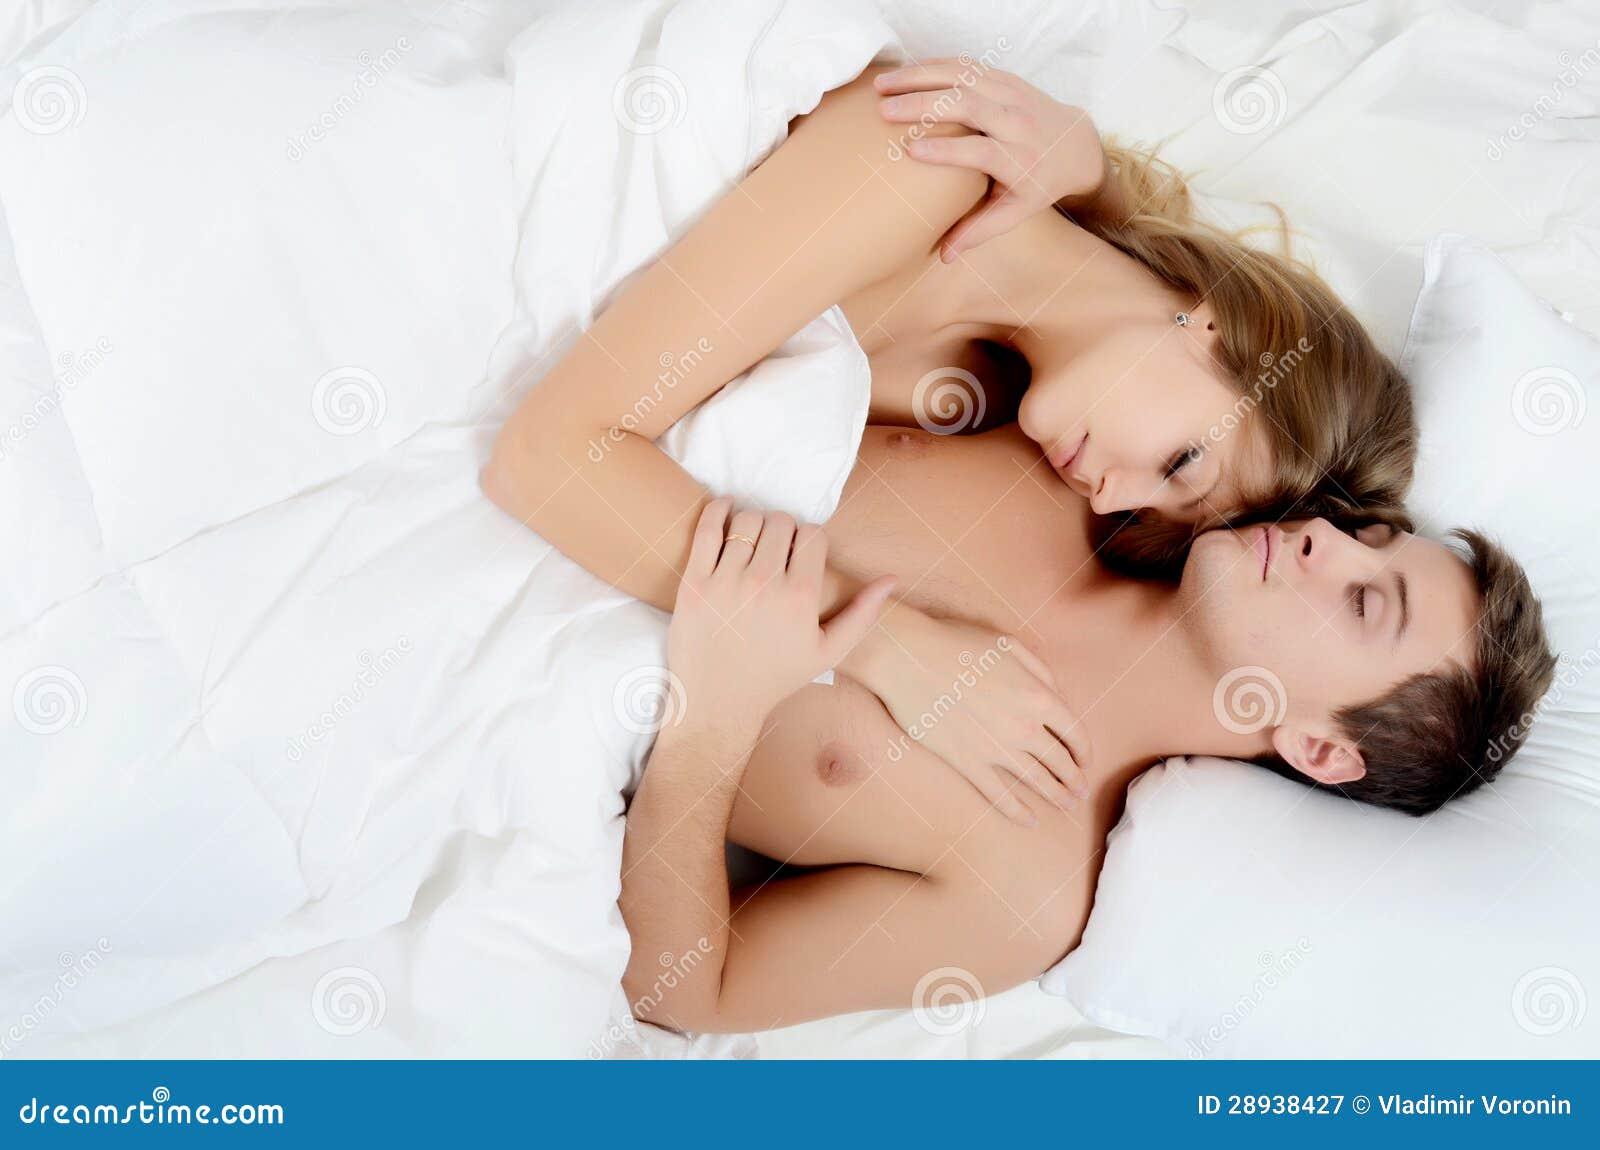 Спящую красивую в постели 2 фотография